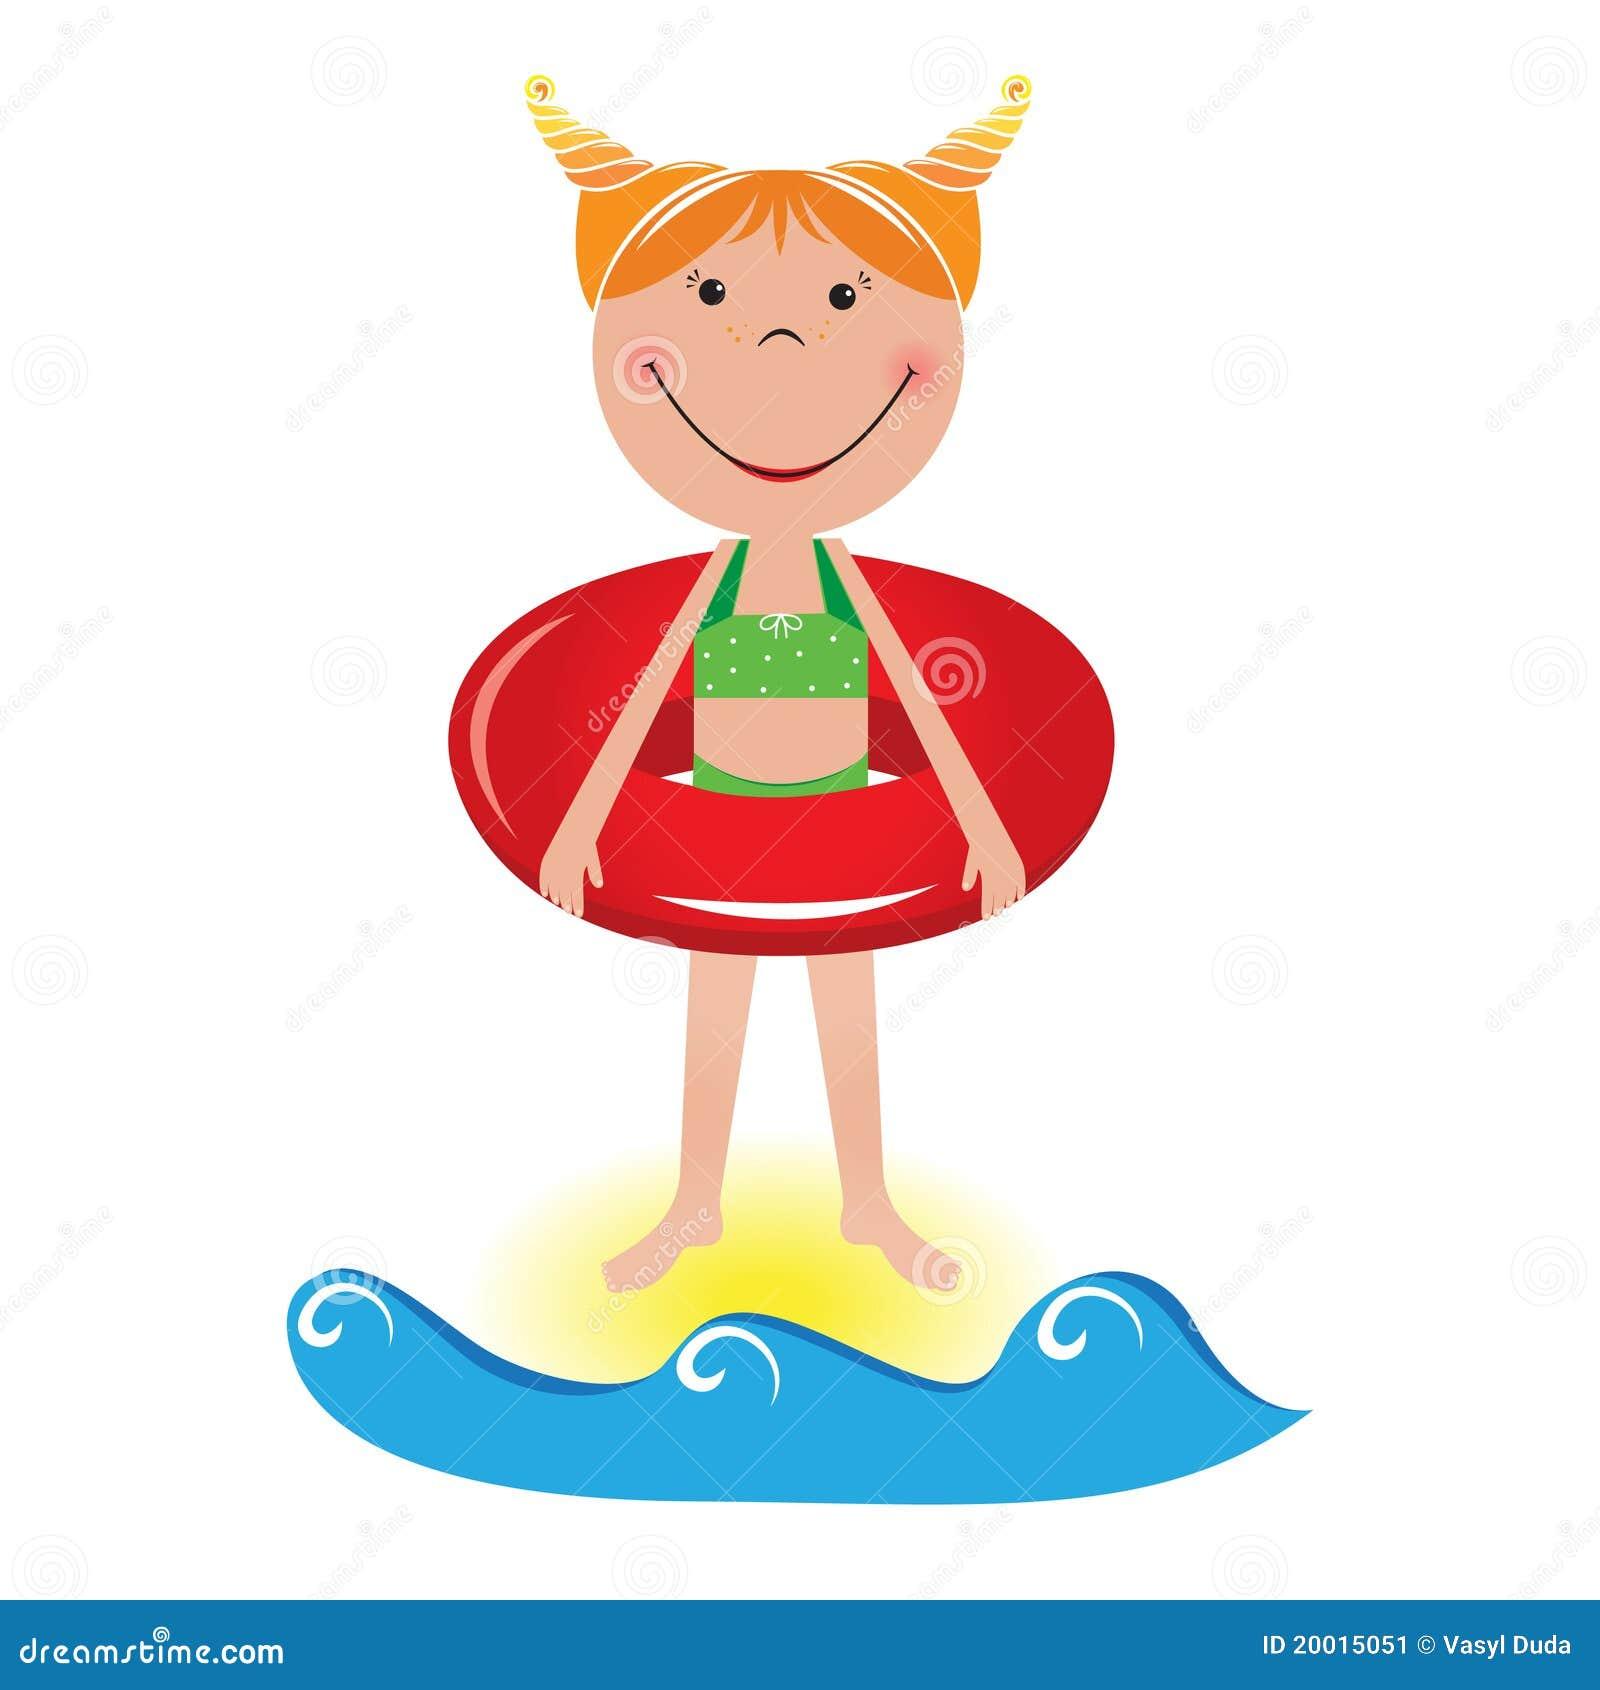 Petite fille de dessin anim avec une ligne de sauvetage for A la piscine dessin